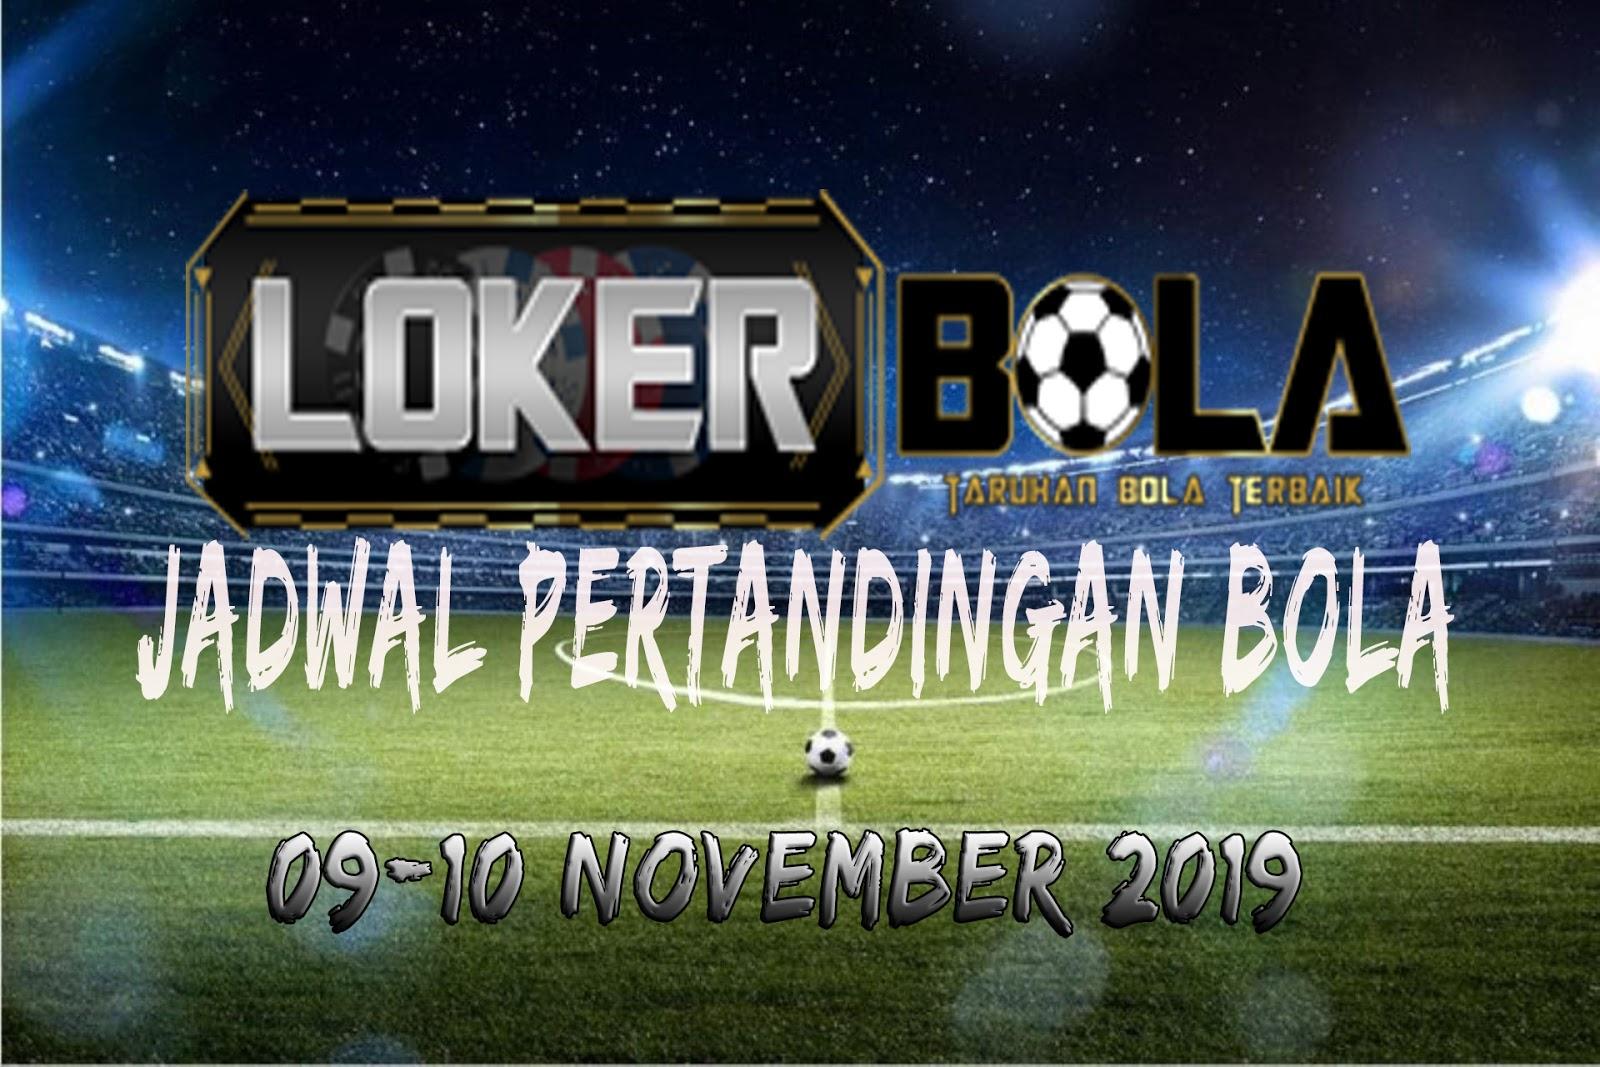 JADWAL PERTANDINGAN BOLA BOLA 09 – 10 NOVEMBER 2019